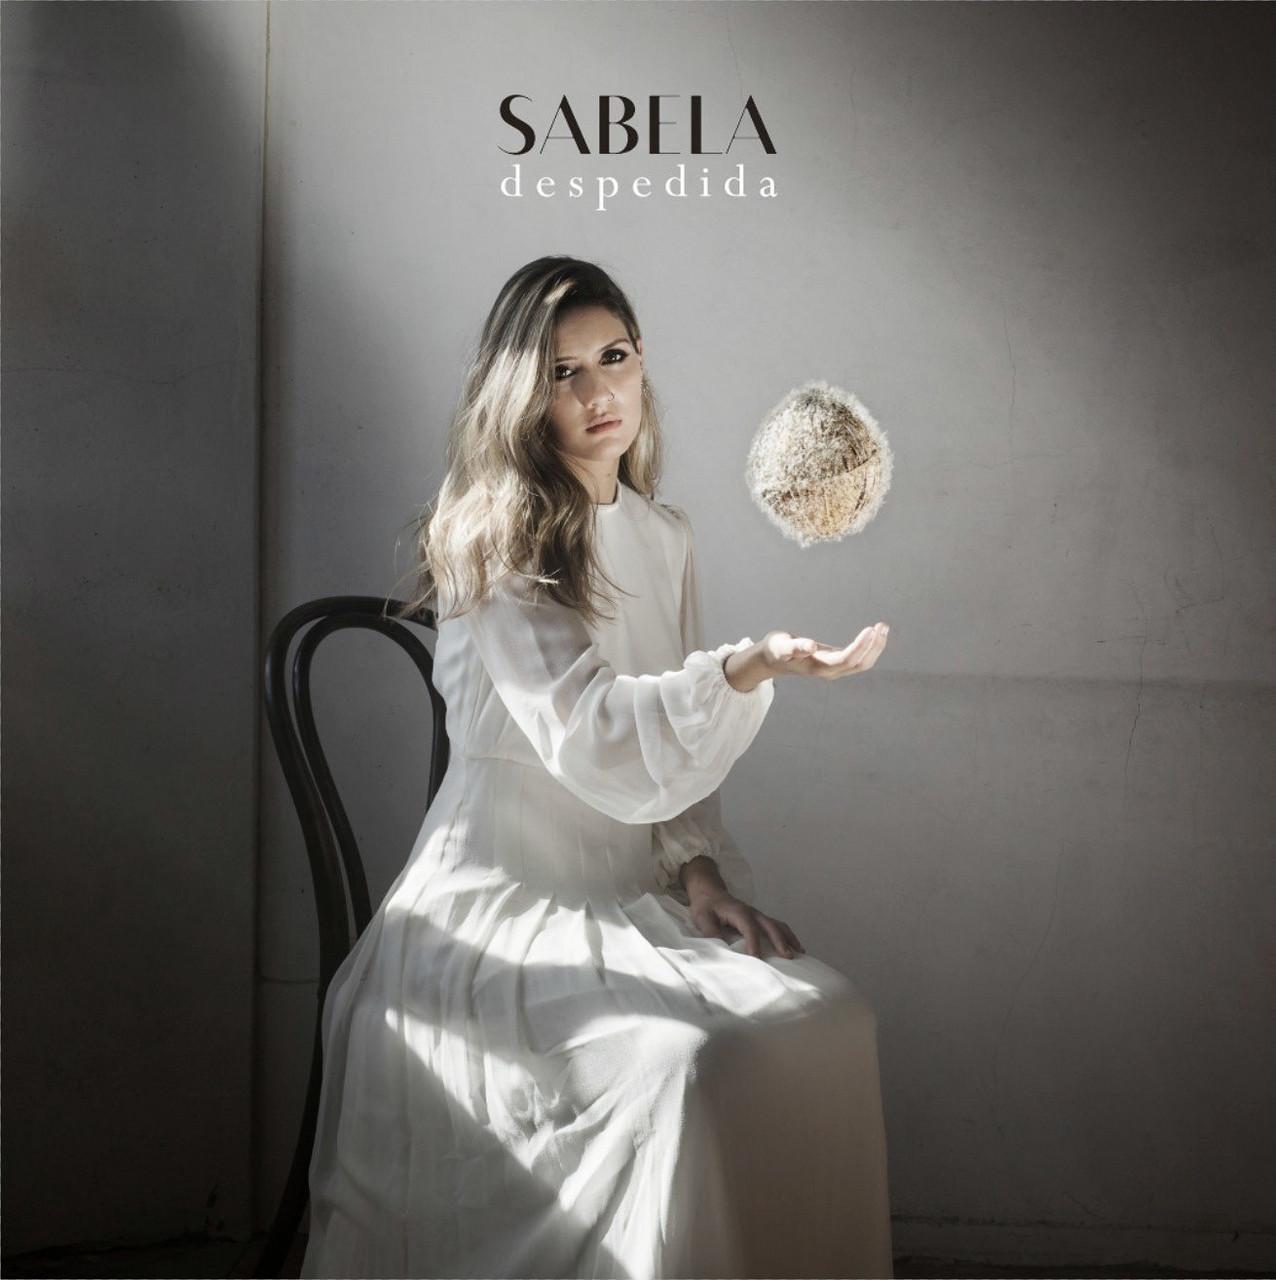 """Sabela rompe esquemas con """"Despedida"""", el preludio de su primer álbum"""